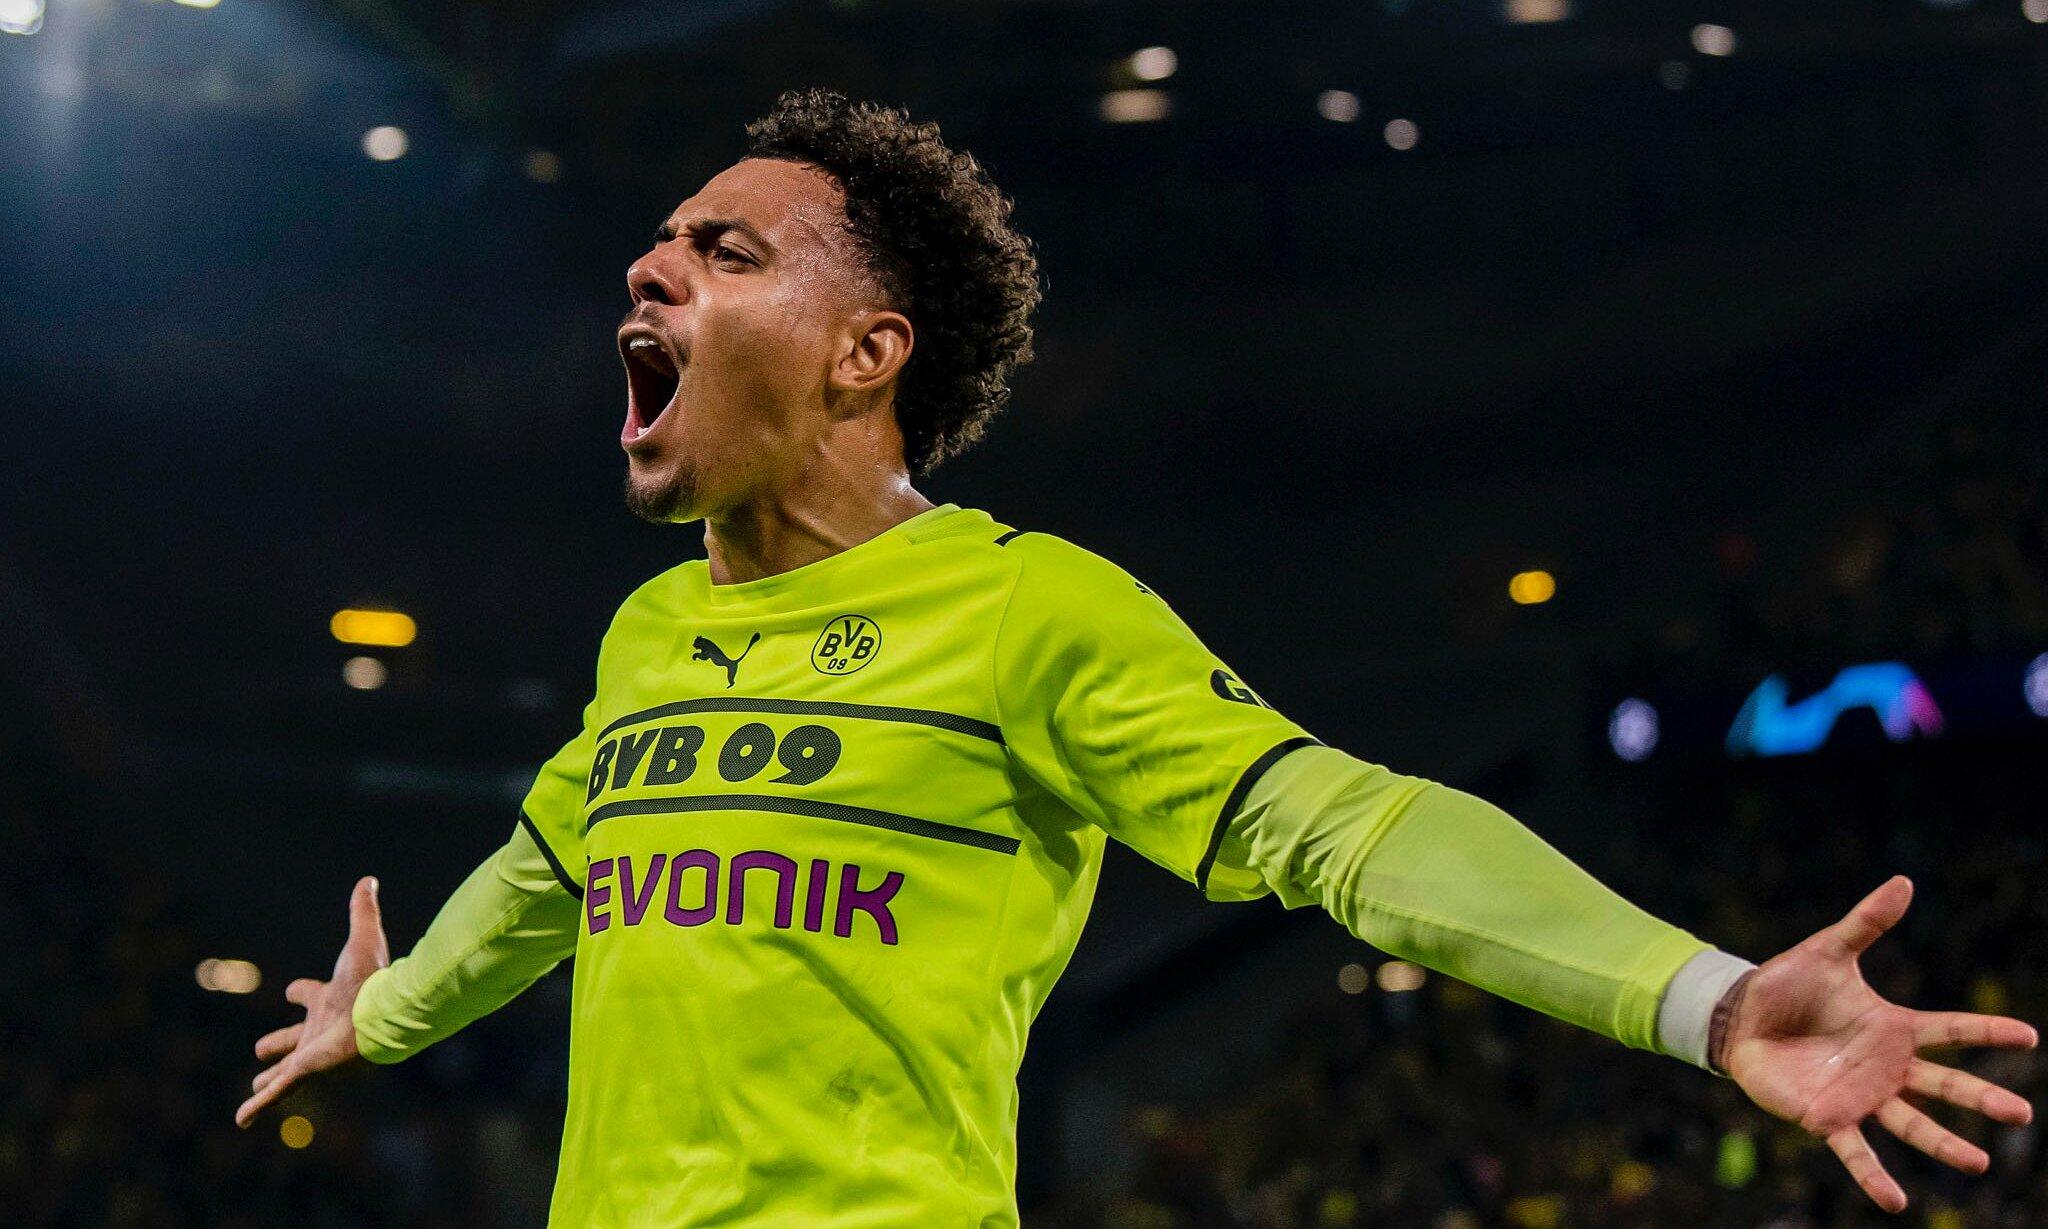 Malen phấn khích sau bàn mở tỷ số trên sân nhà Westfalen, giúp Dortmund hạ Sporting 1-0 hôm 28/9. Ảnh: Twitter / BVB